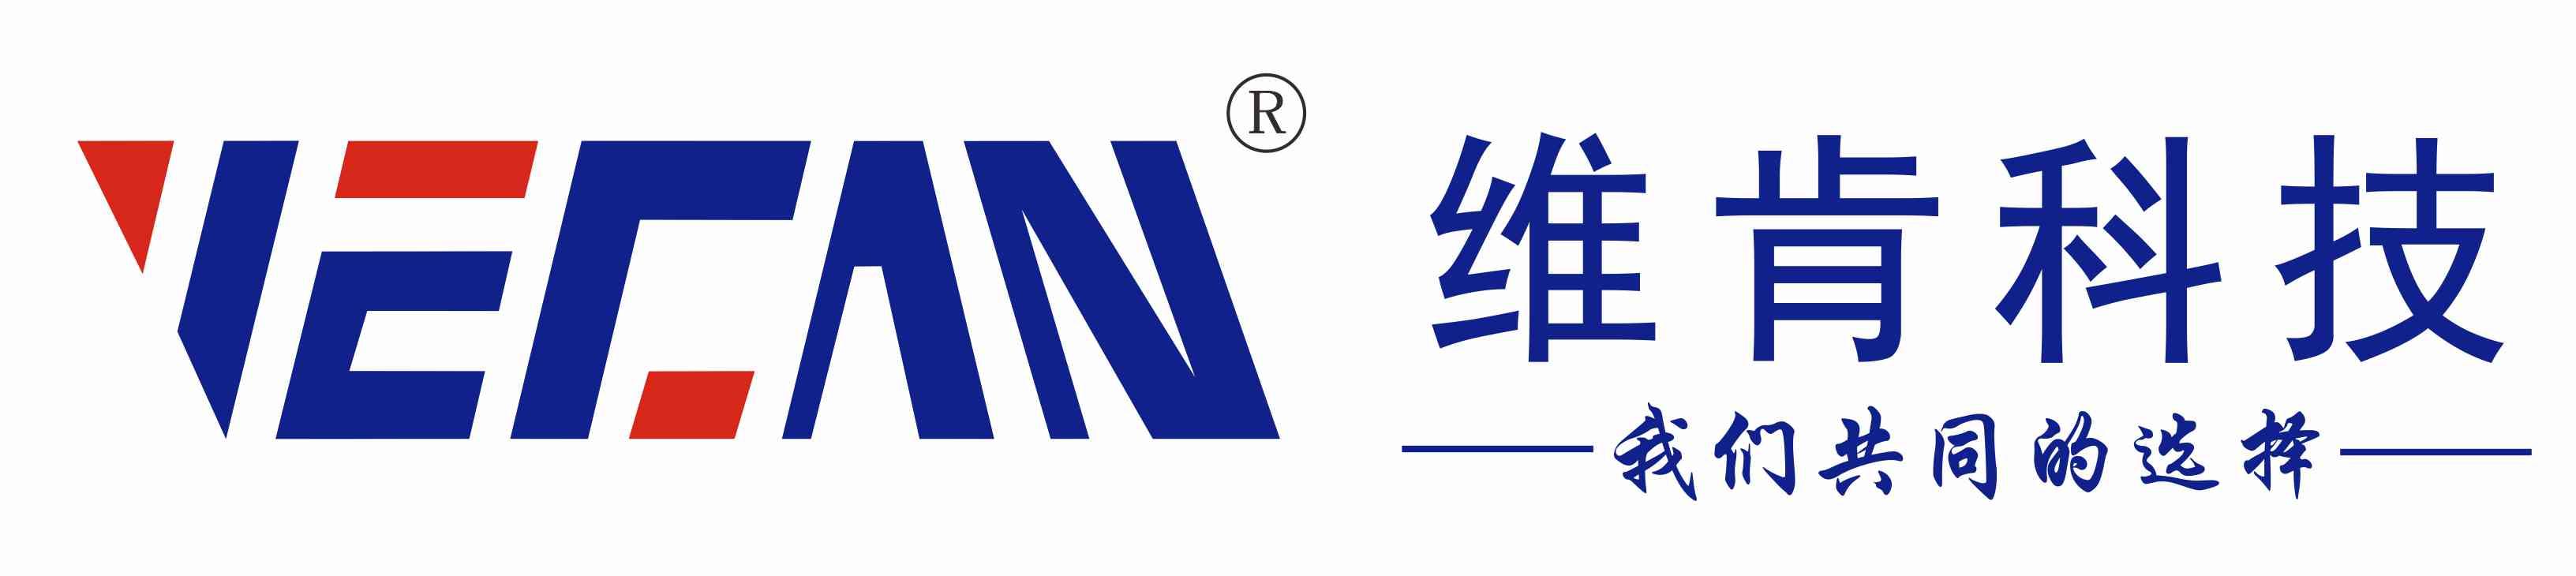 四川维肯科技有限公司